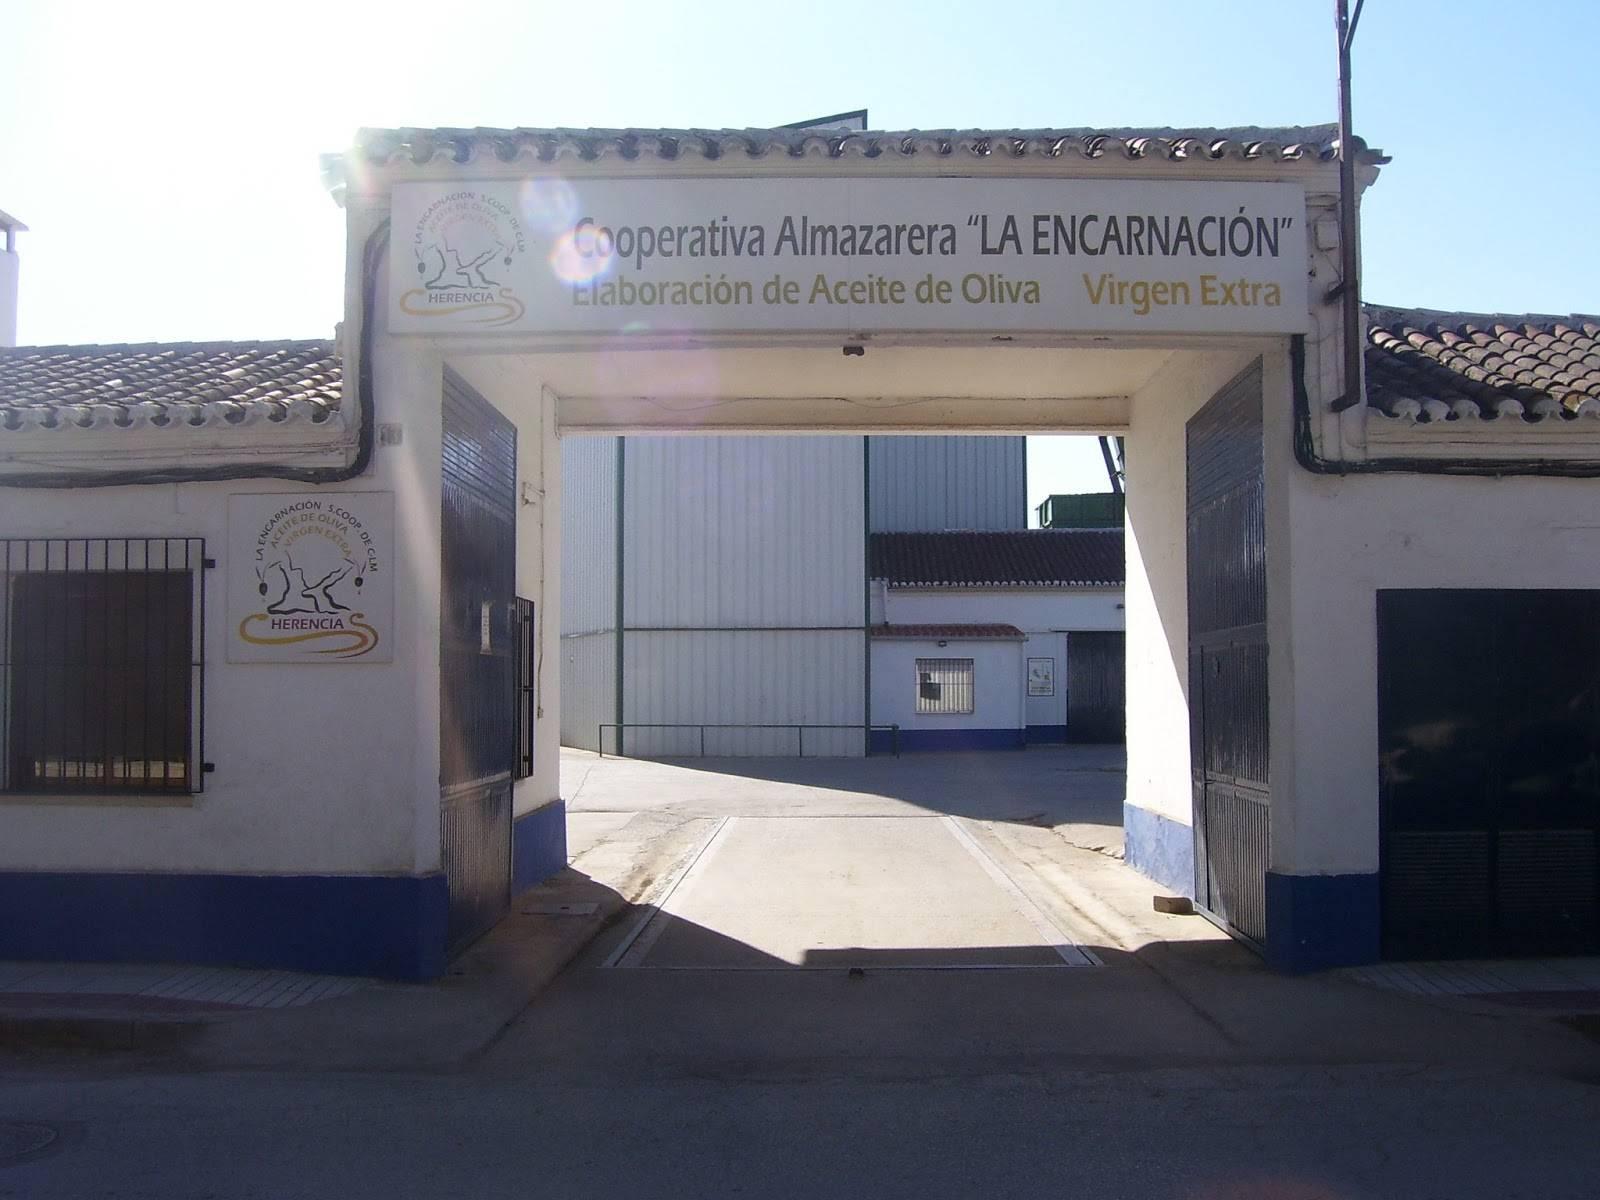 """Cooperativa Almazara La Encarnación - Concurso fotográfico """"La Cooperativa"""""""